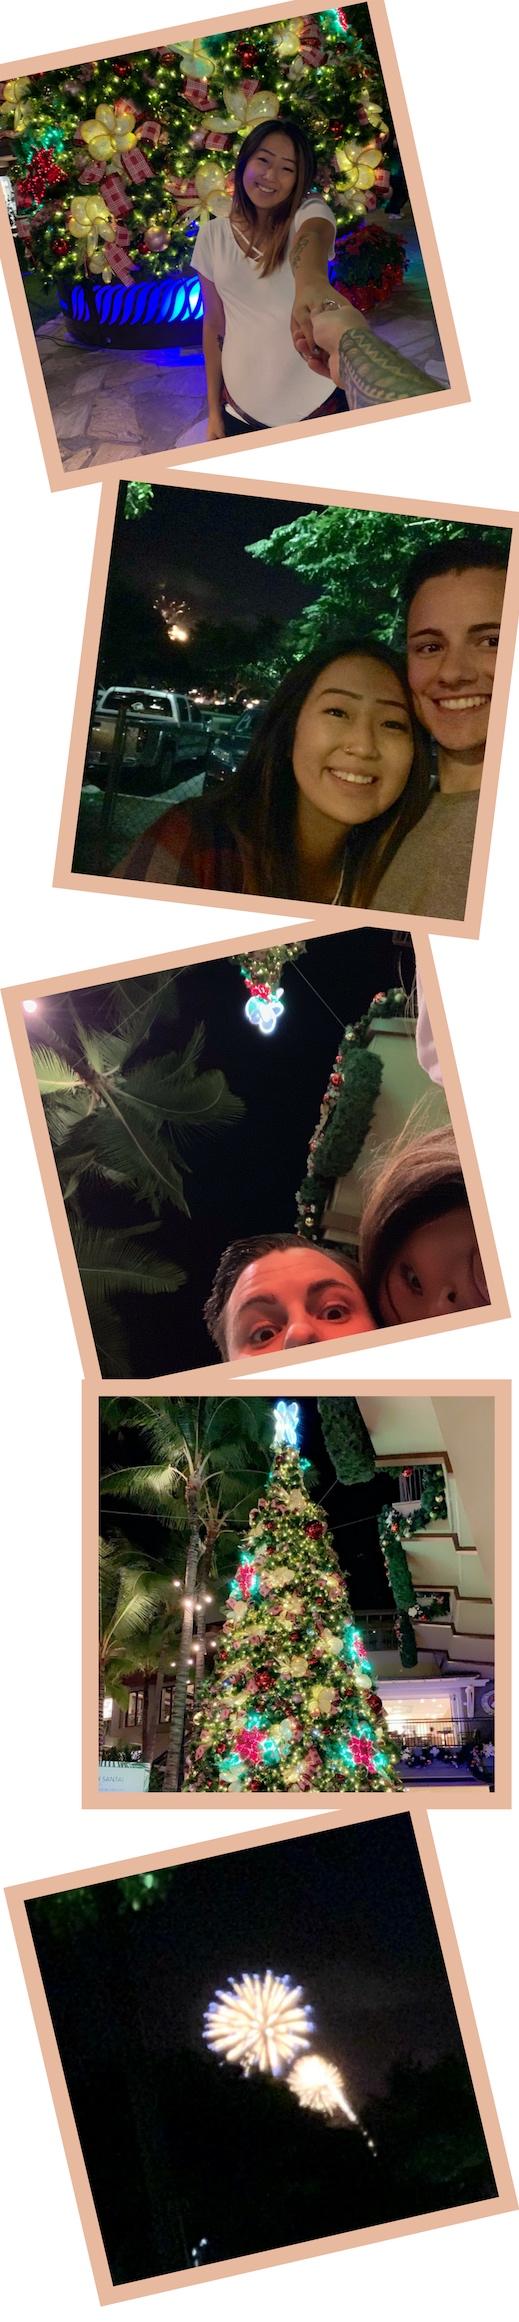 Holidays+in+Hawaii+Banner.jpg